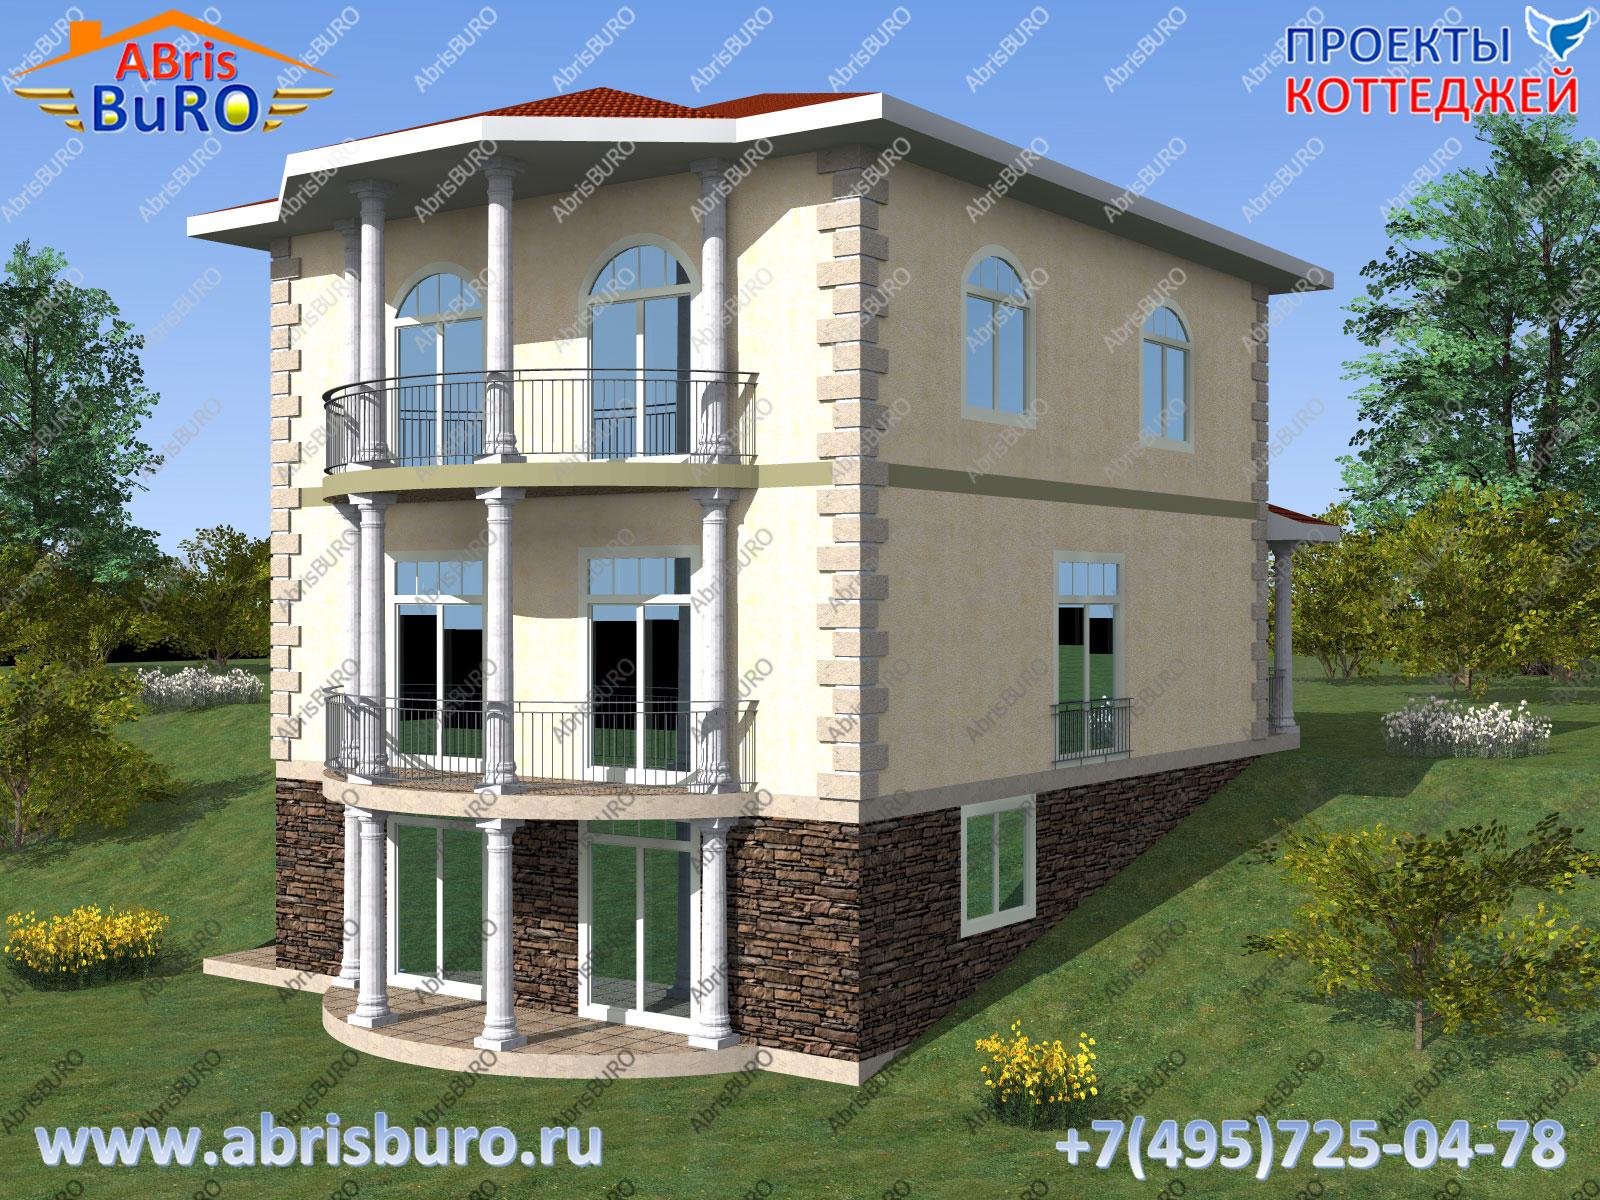 Главный фасад дома K2095-227